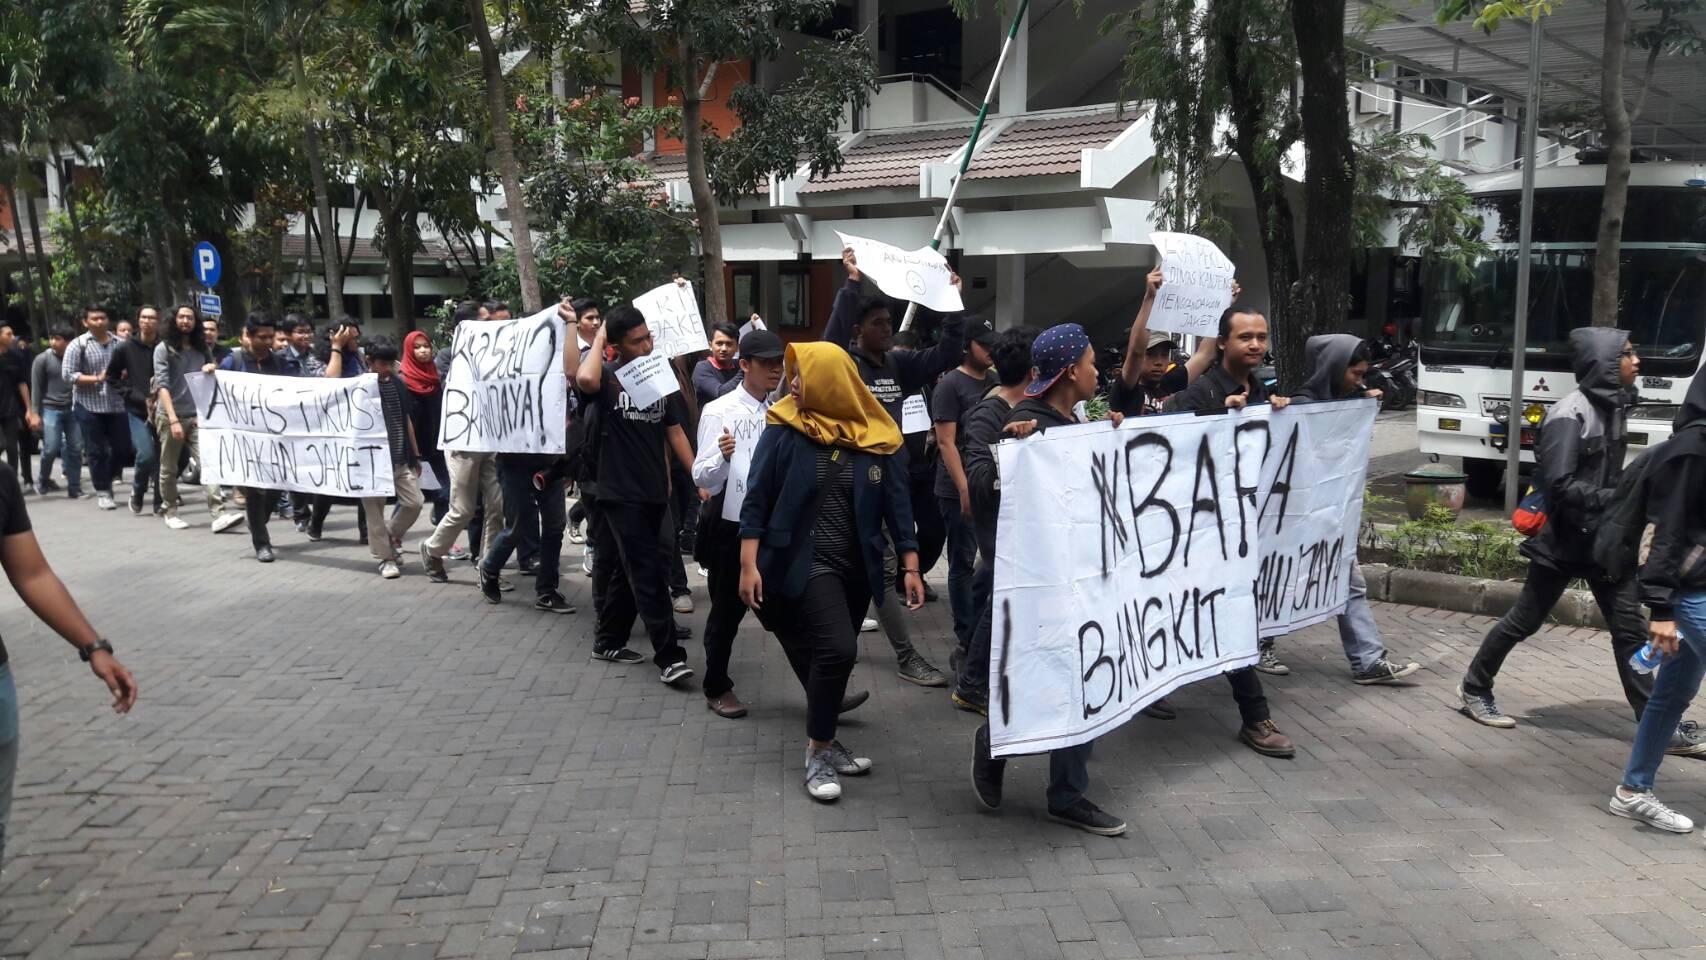 LONGMARCH - Aliansi Mahasiswa Brawijaya mengadakan aksi Longmarch berkeliling UB menuntut kejelasan pengadaan jaket dan  kaus UB bagi angkatan 2015 dan 2016 yang terlambat pada Jumat (21/10)